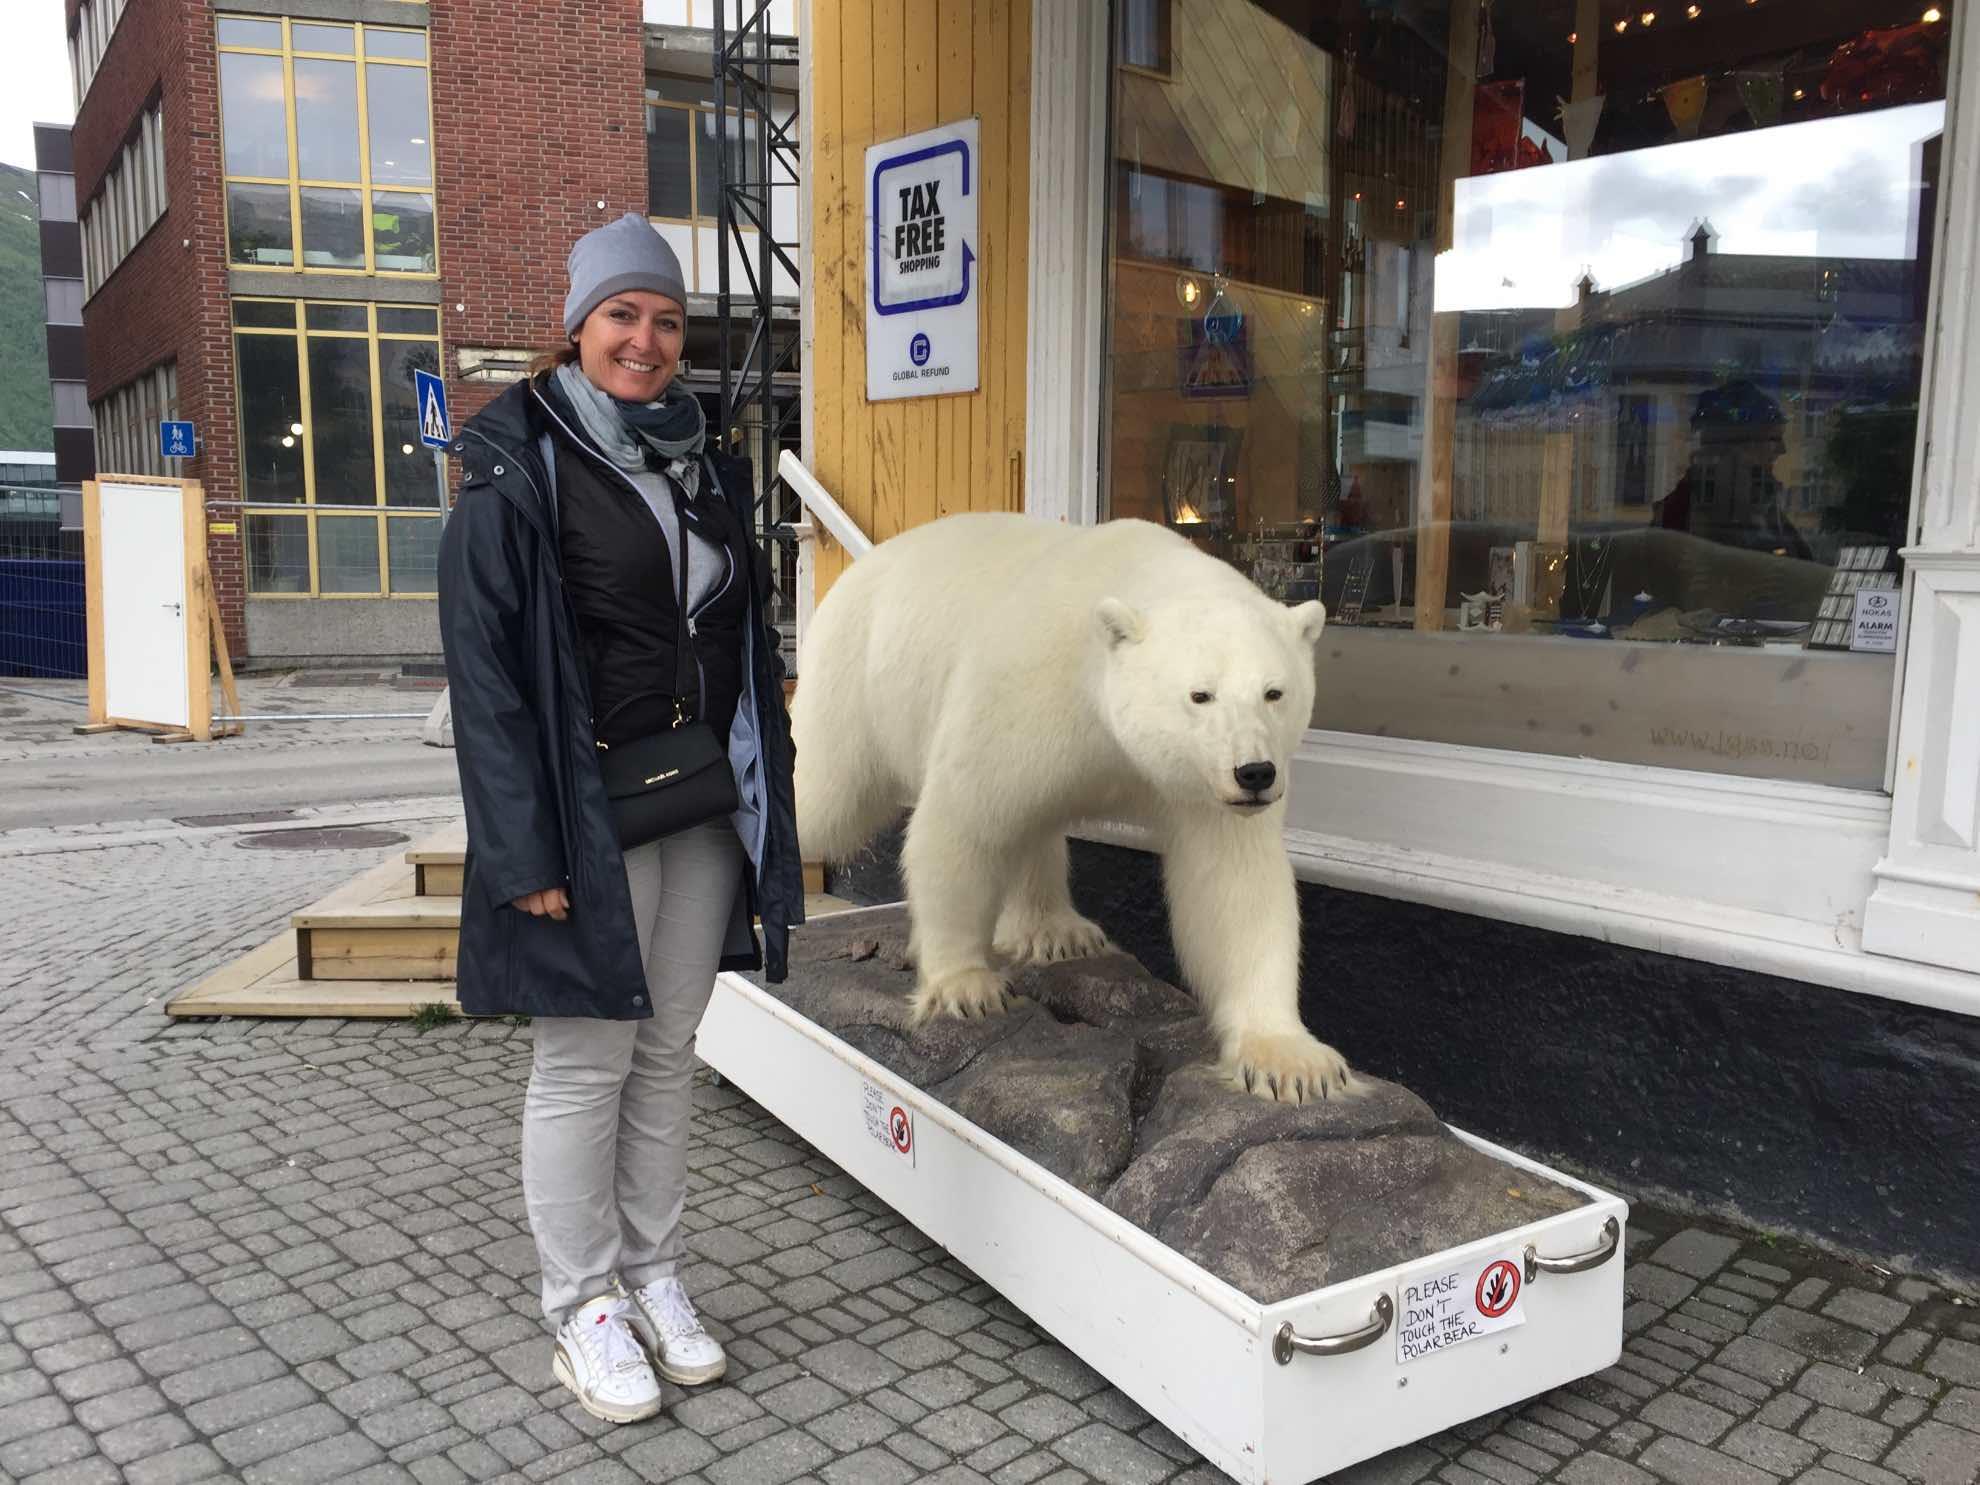 Wir machen eine Erkundungstour in Tromsø